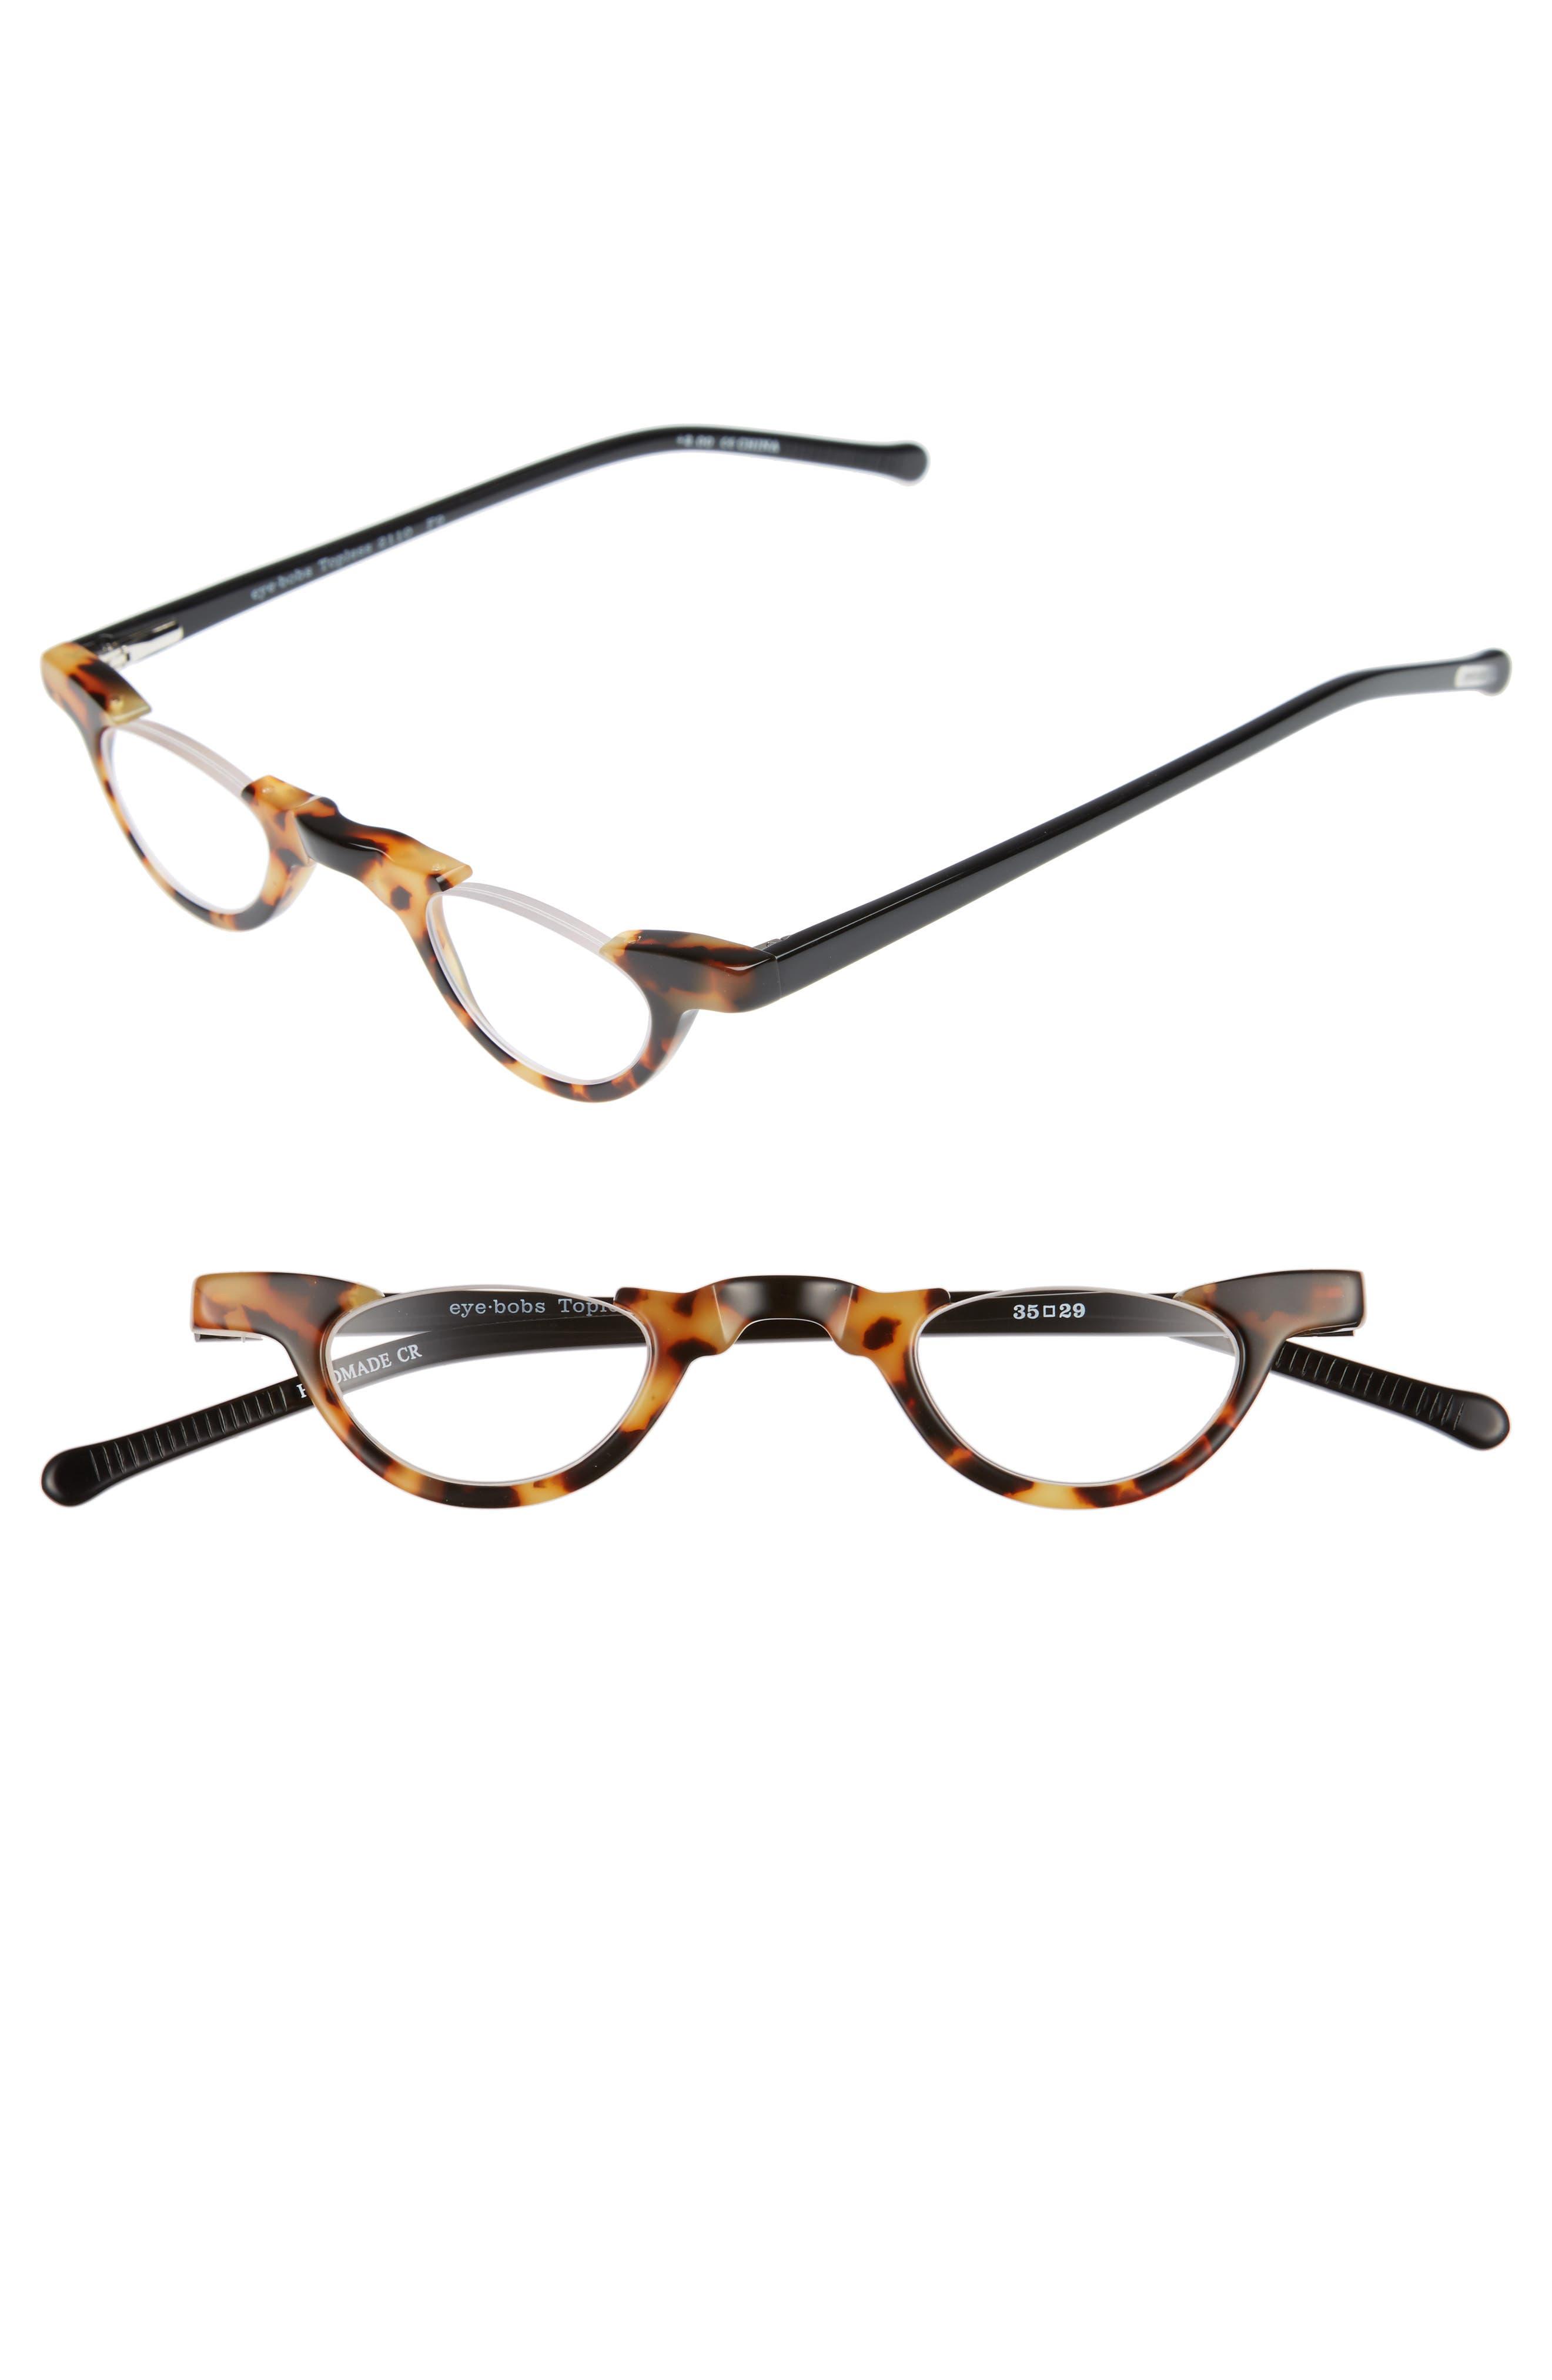 Topless 35mm Reading Glasses,                         Main,                         color, Light Tortoise